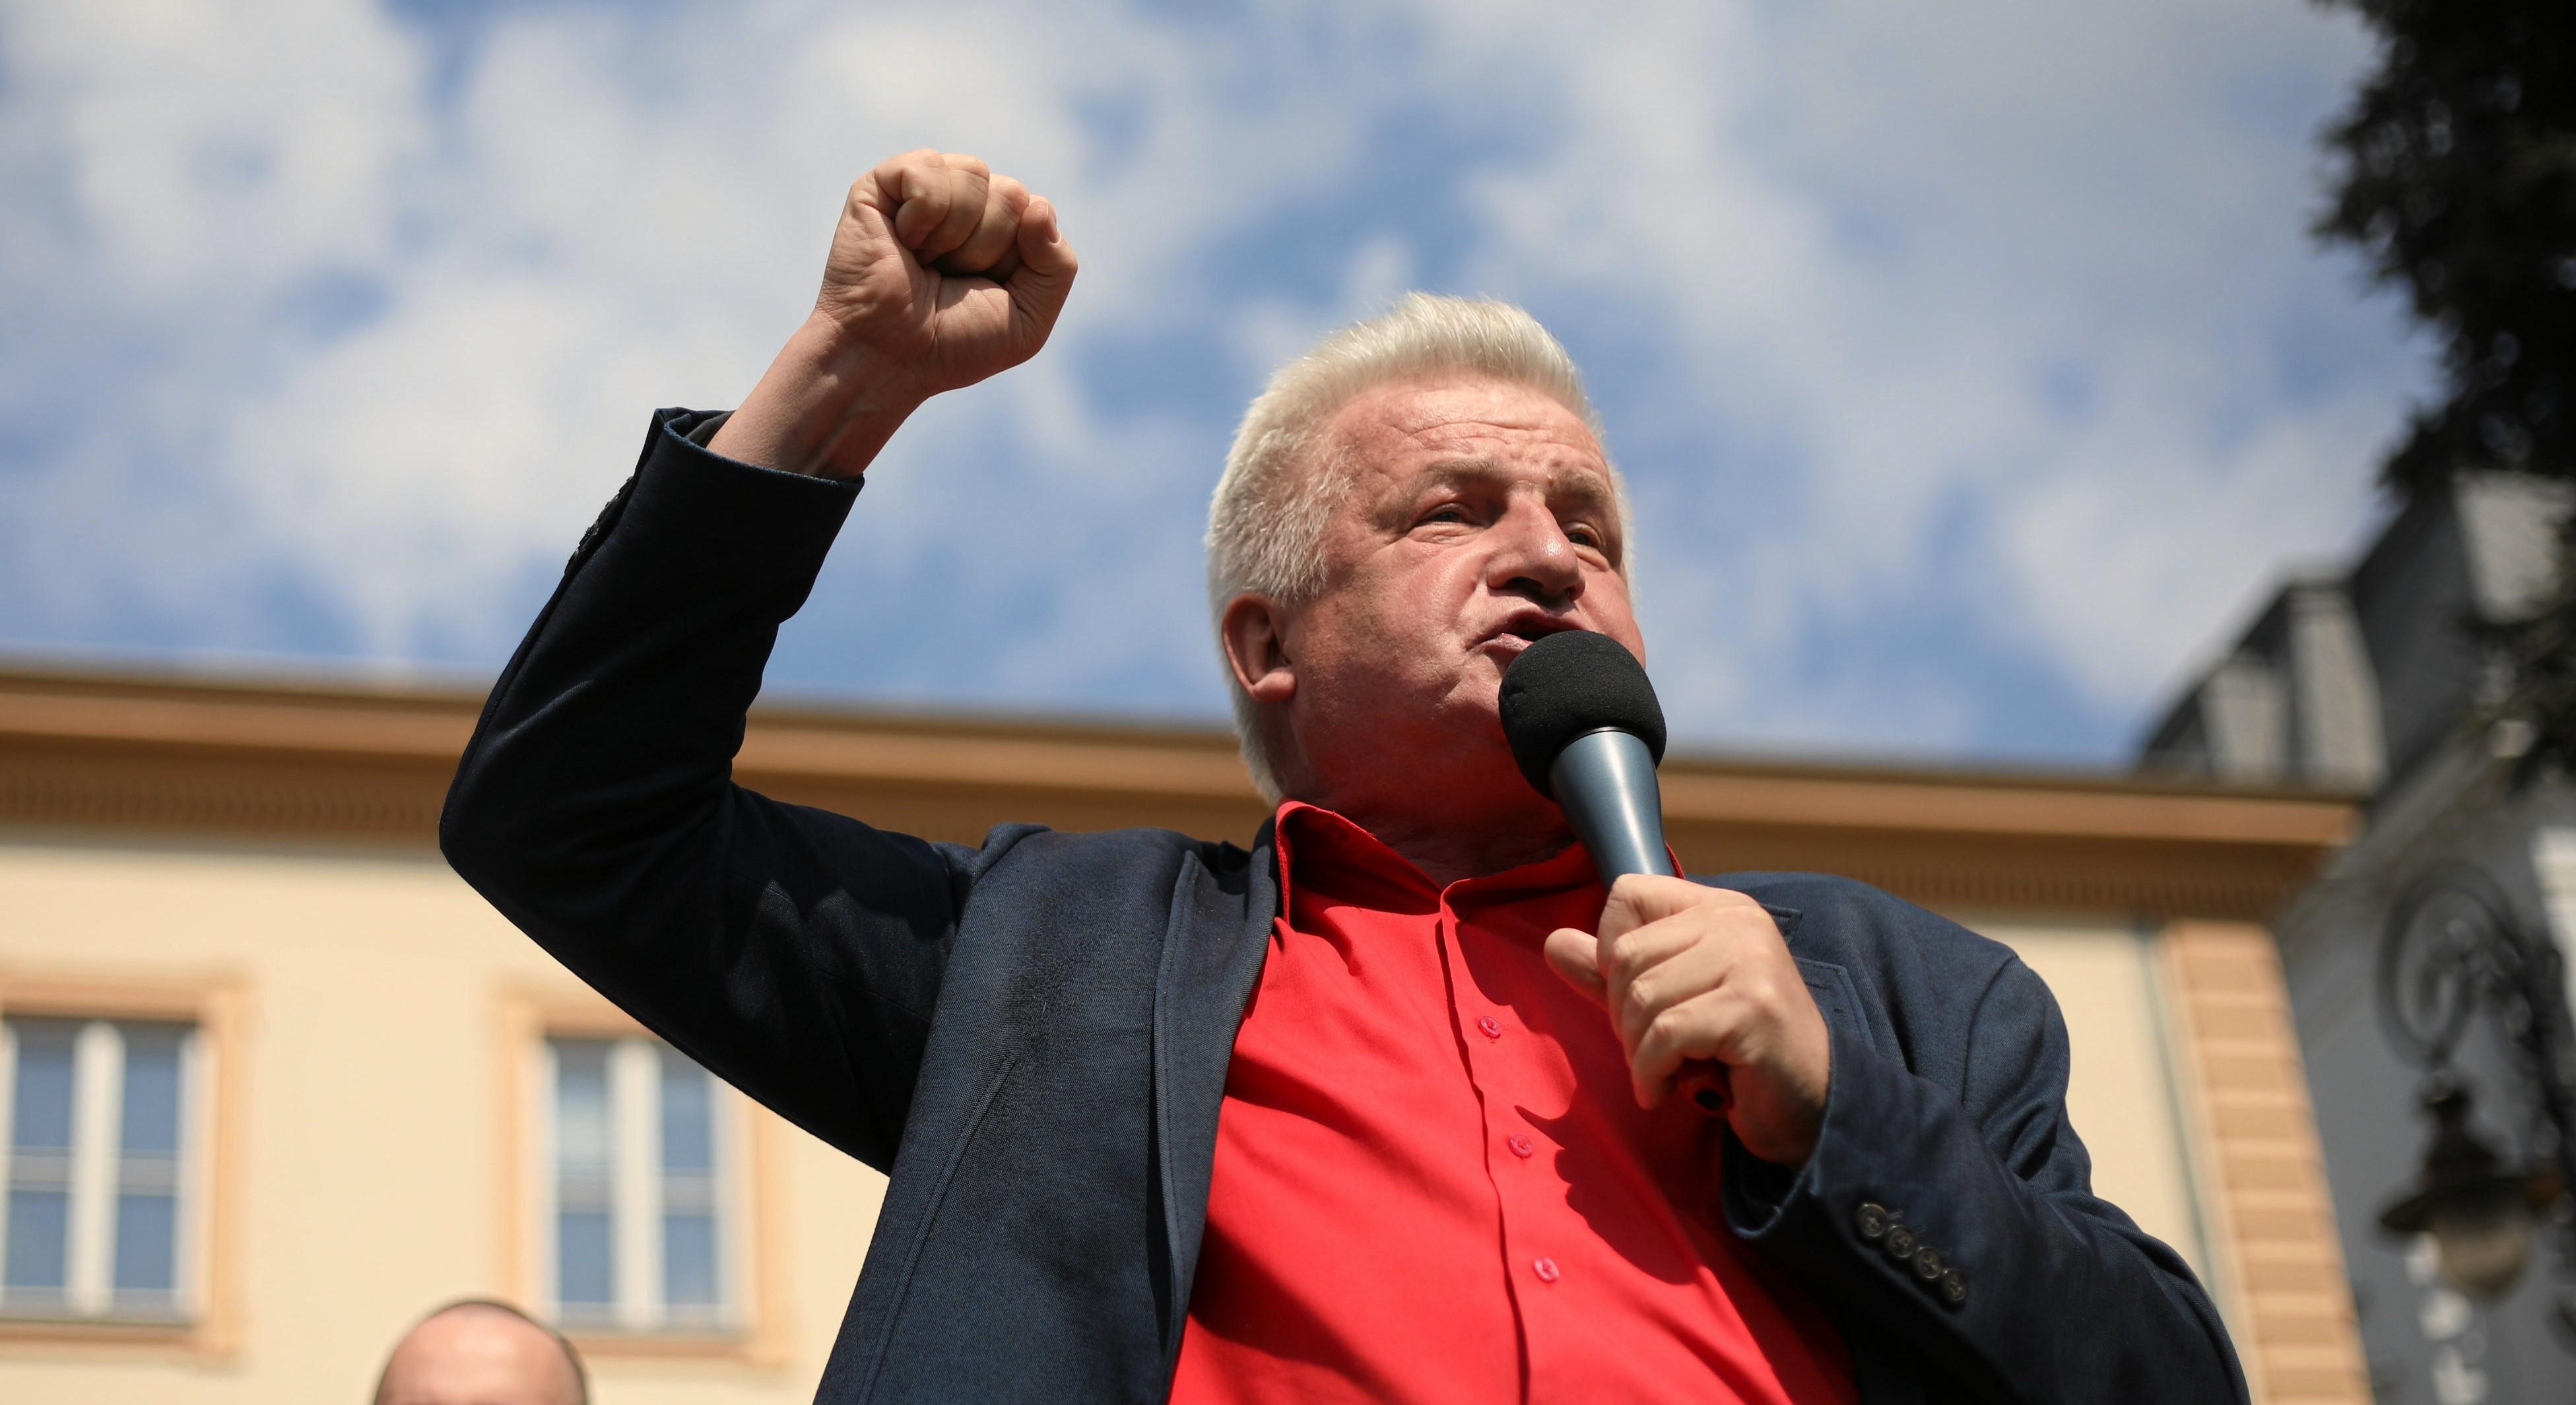 Piotr Ikonowicz podczas pochodu zorganizowanego przez Ruch Sprawiedliwości Społecznej z okazji Święta Pracy (fot. Jedrzej Nowicki / Agencja Gazeta)